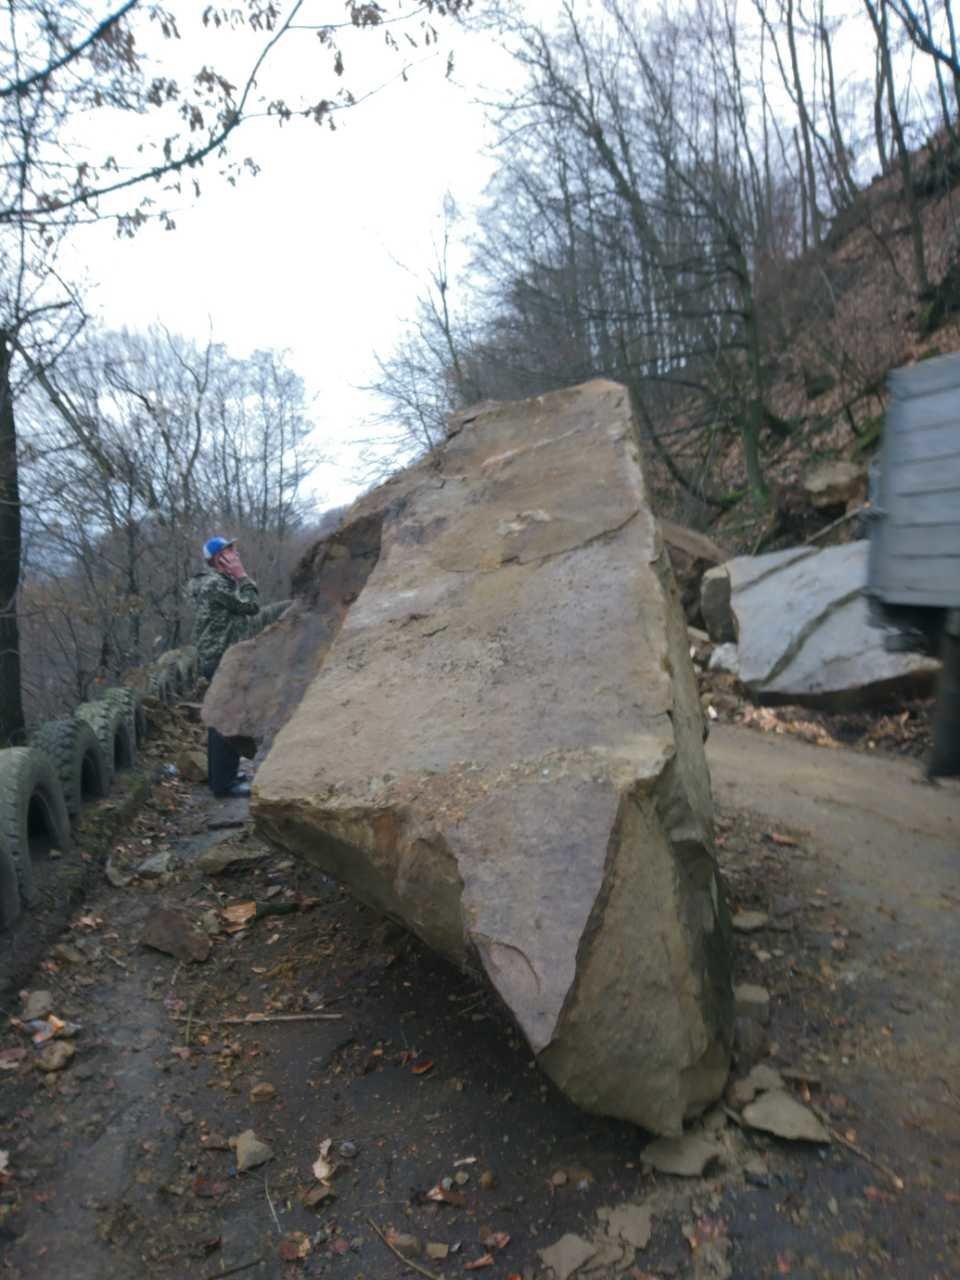 На Тячівщині на дорогу звалилася скеля: на місці працюють рятувальники, дорожники та поліція (ФОТО, ВІДЕО), фото-3